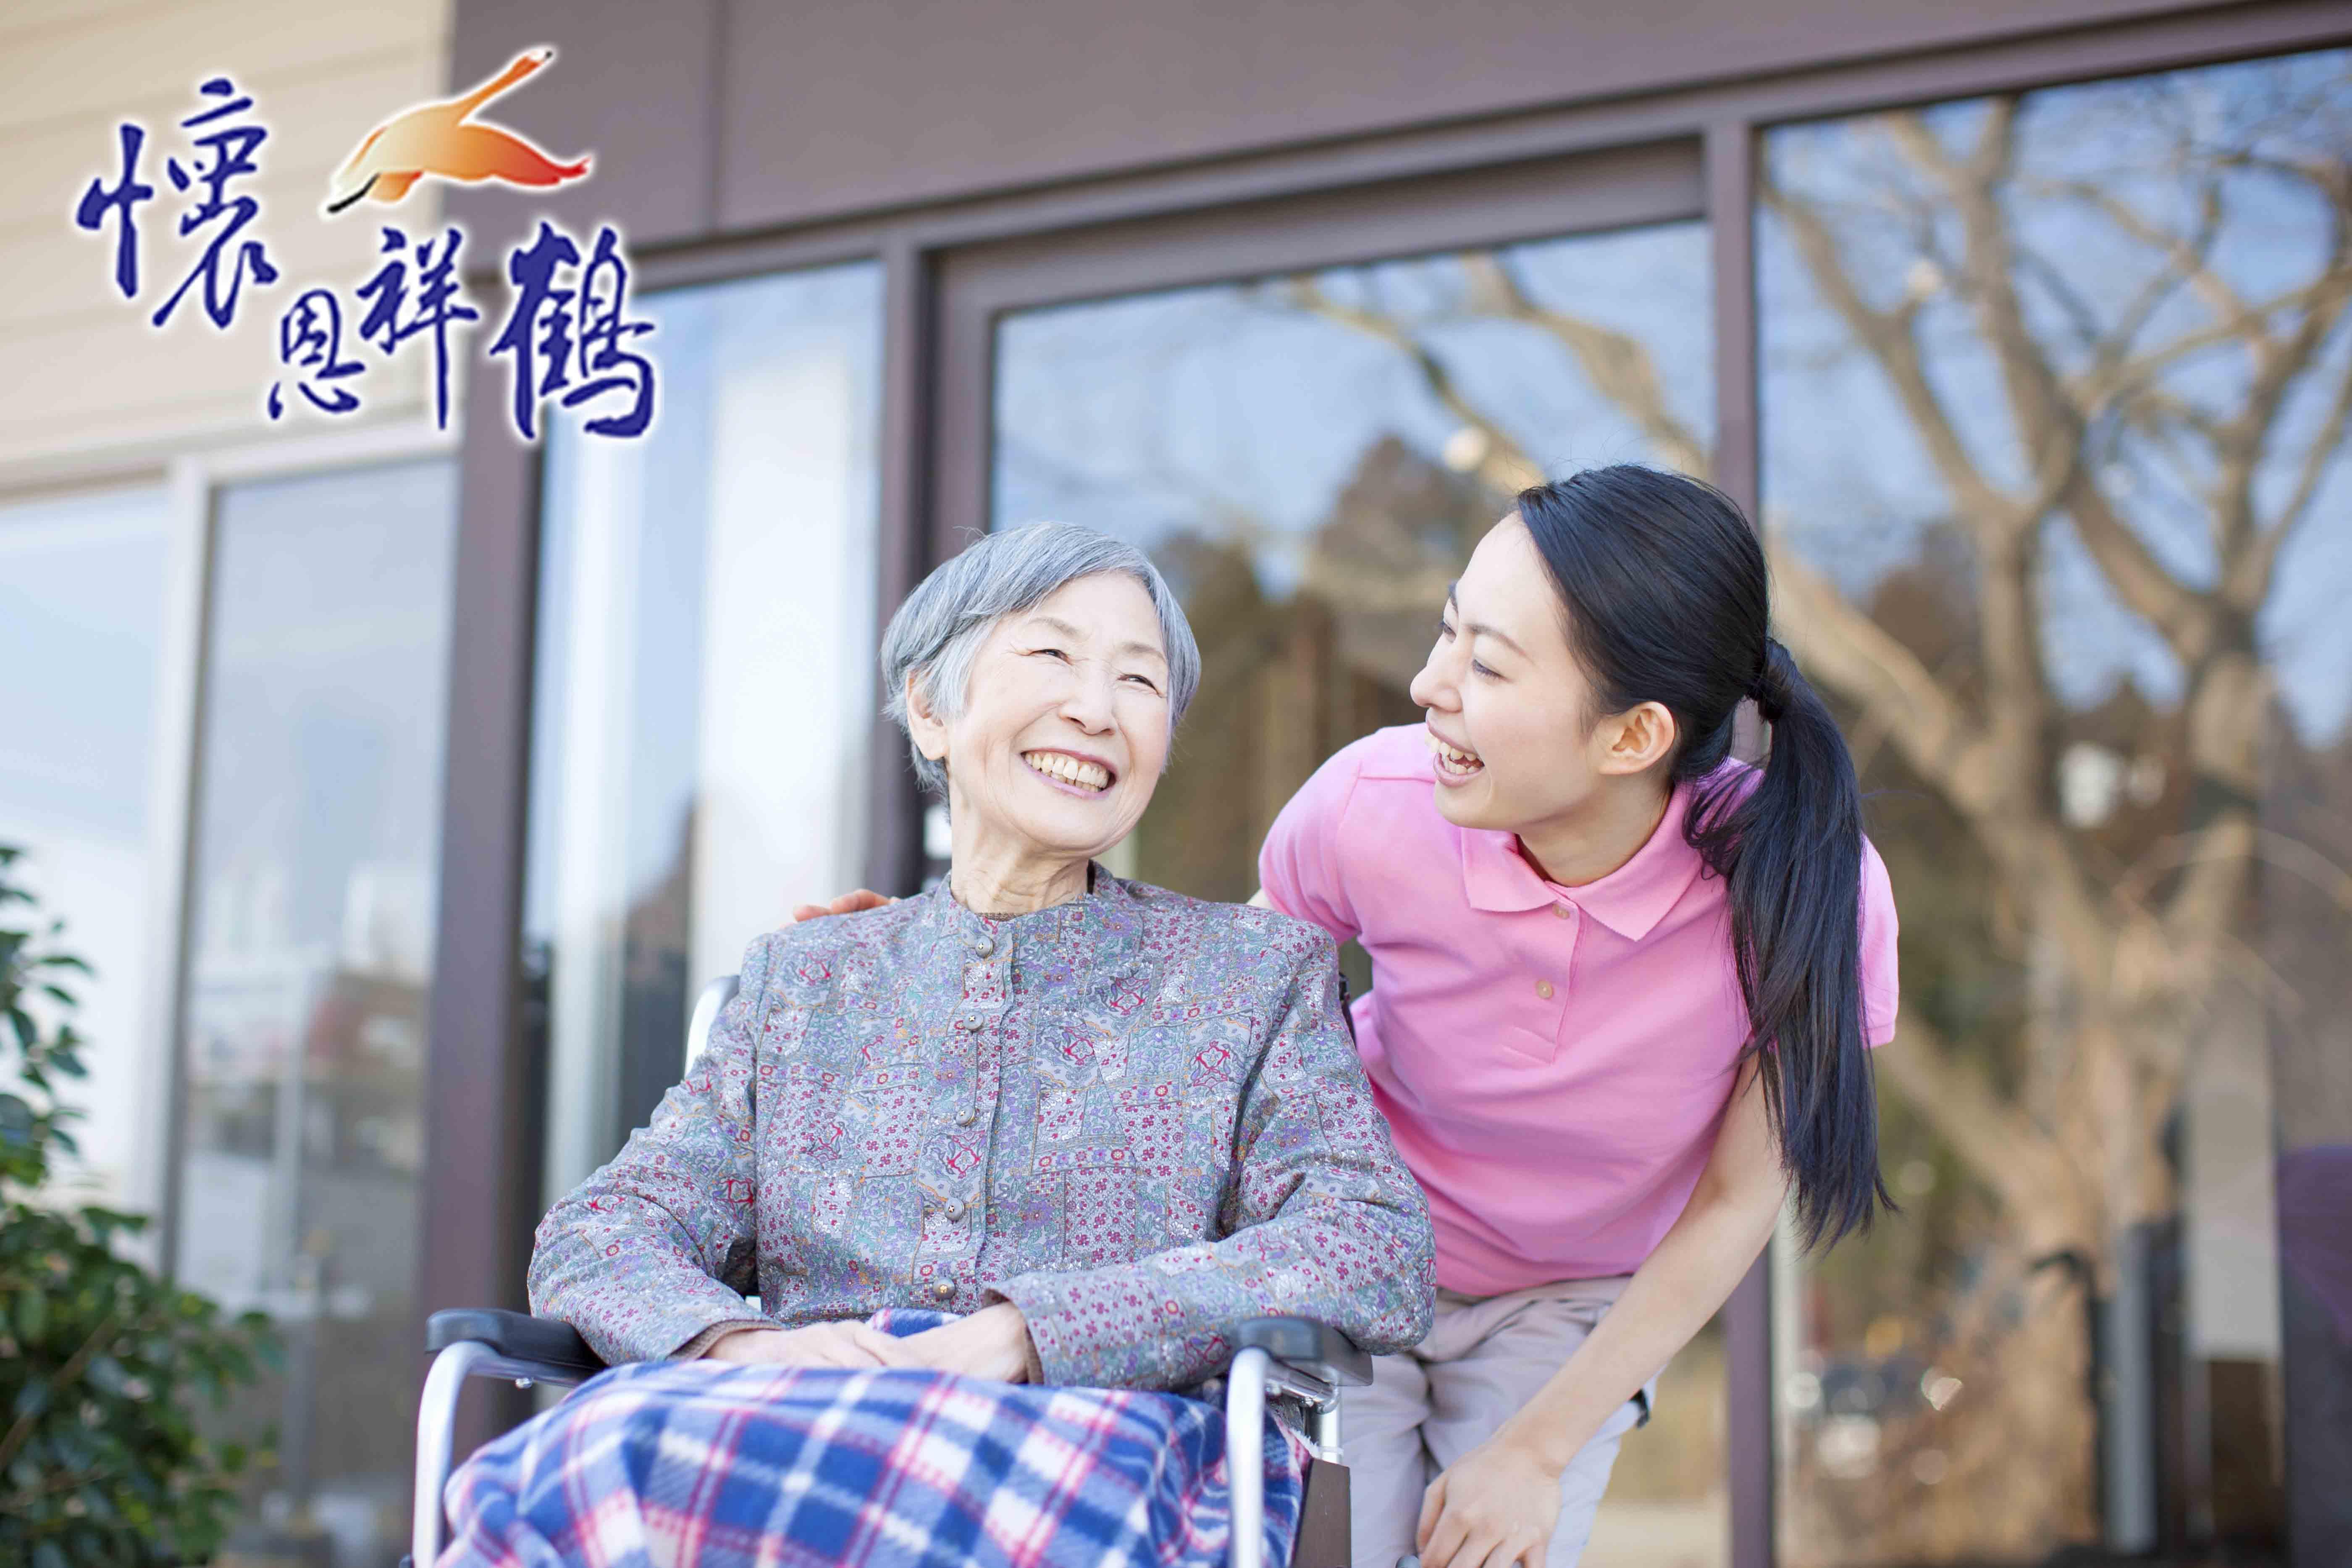 《新聞分享》脊椎退化怕麻煩不敢言 7旬老婦從愛旅遊變「宅女」